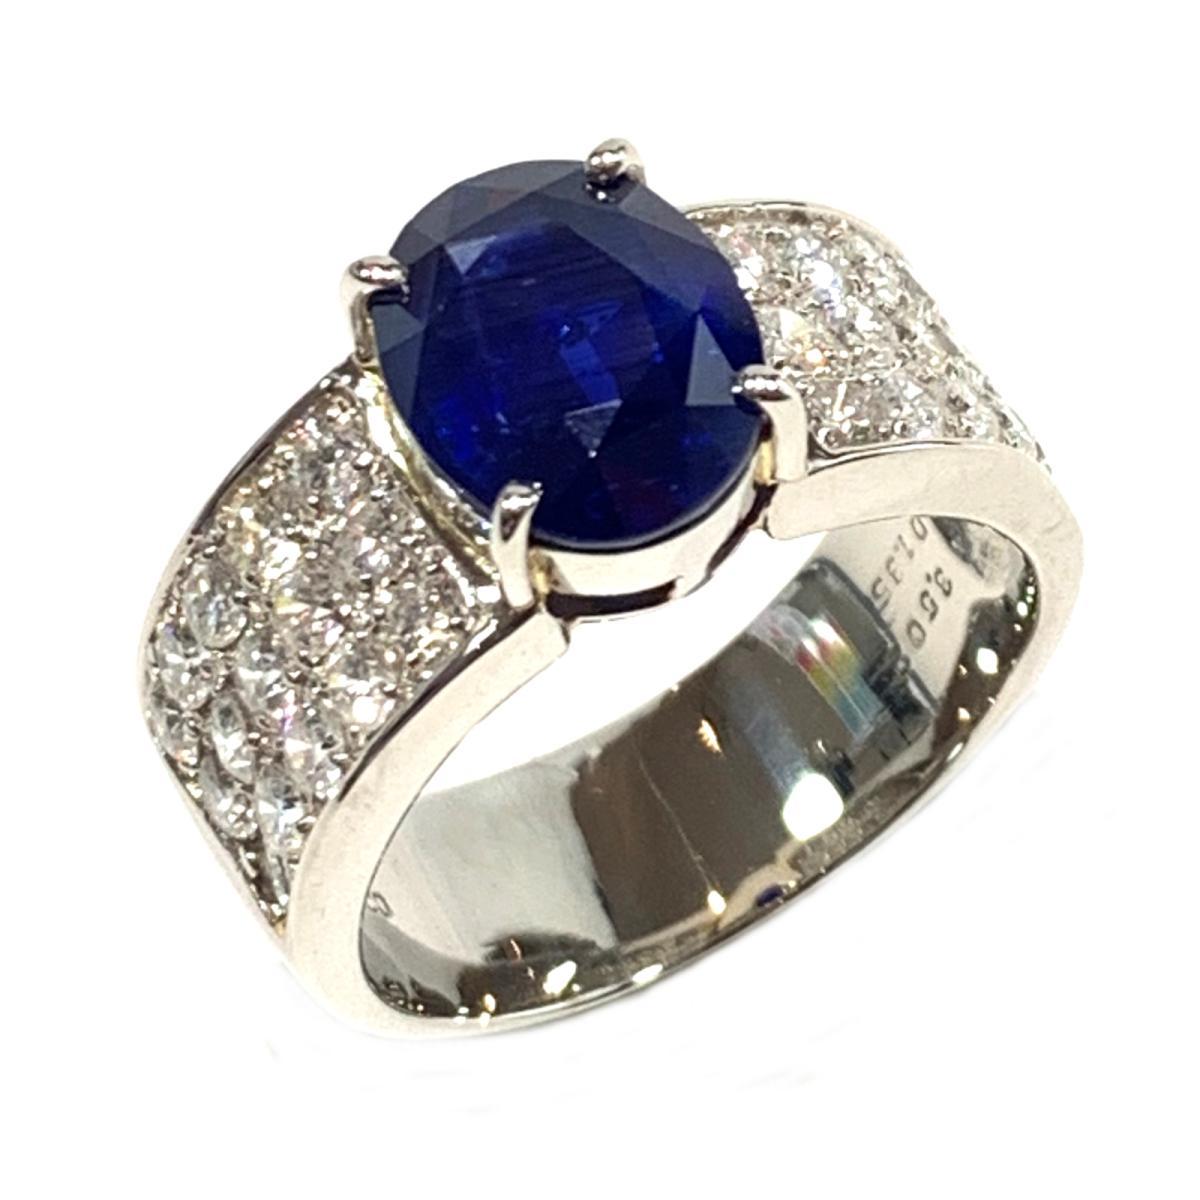 ジュエリー サファイア ダイヤモンド リング 指輪 ノーブランドジュエリー レディース PT900 プラチナ x サファイア3.50 ダイヤ1.35ct ブルー クリアー シルバー 【中古】 | ブランド